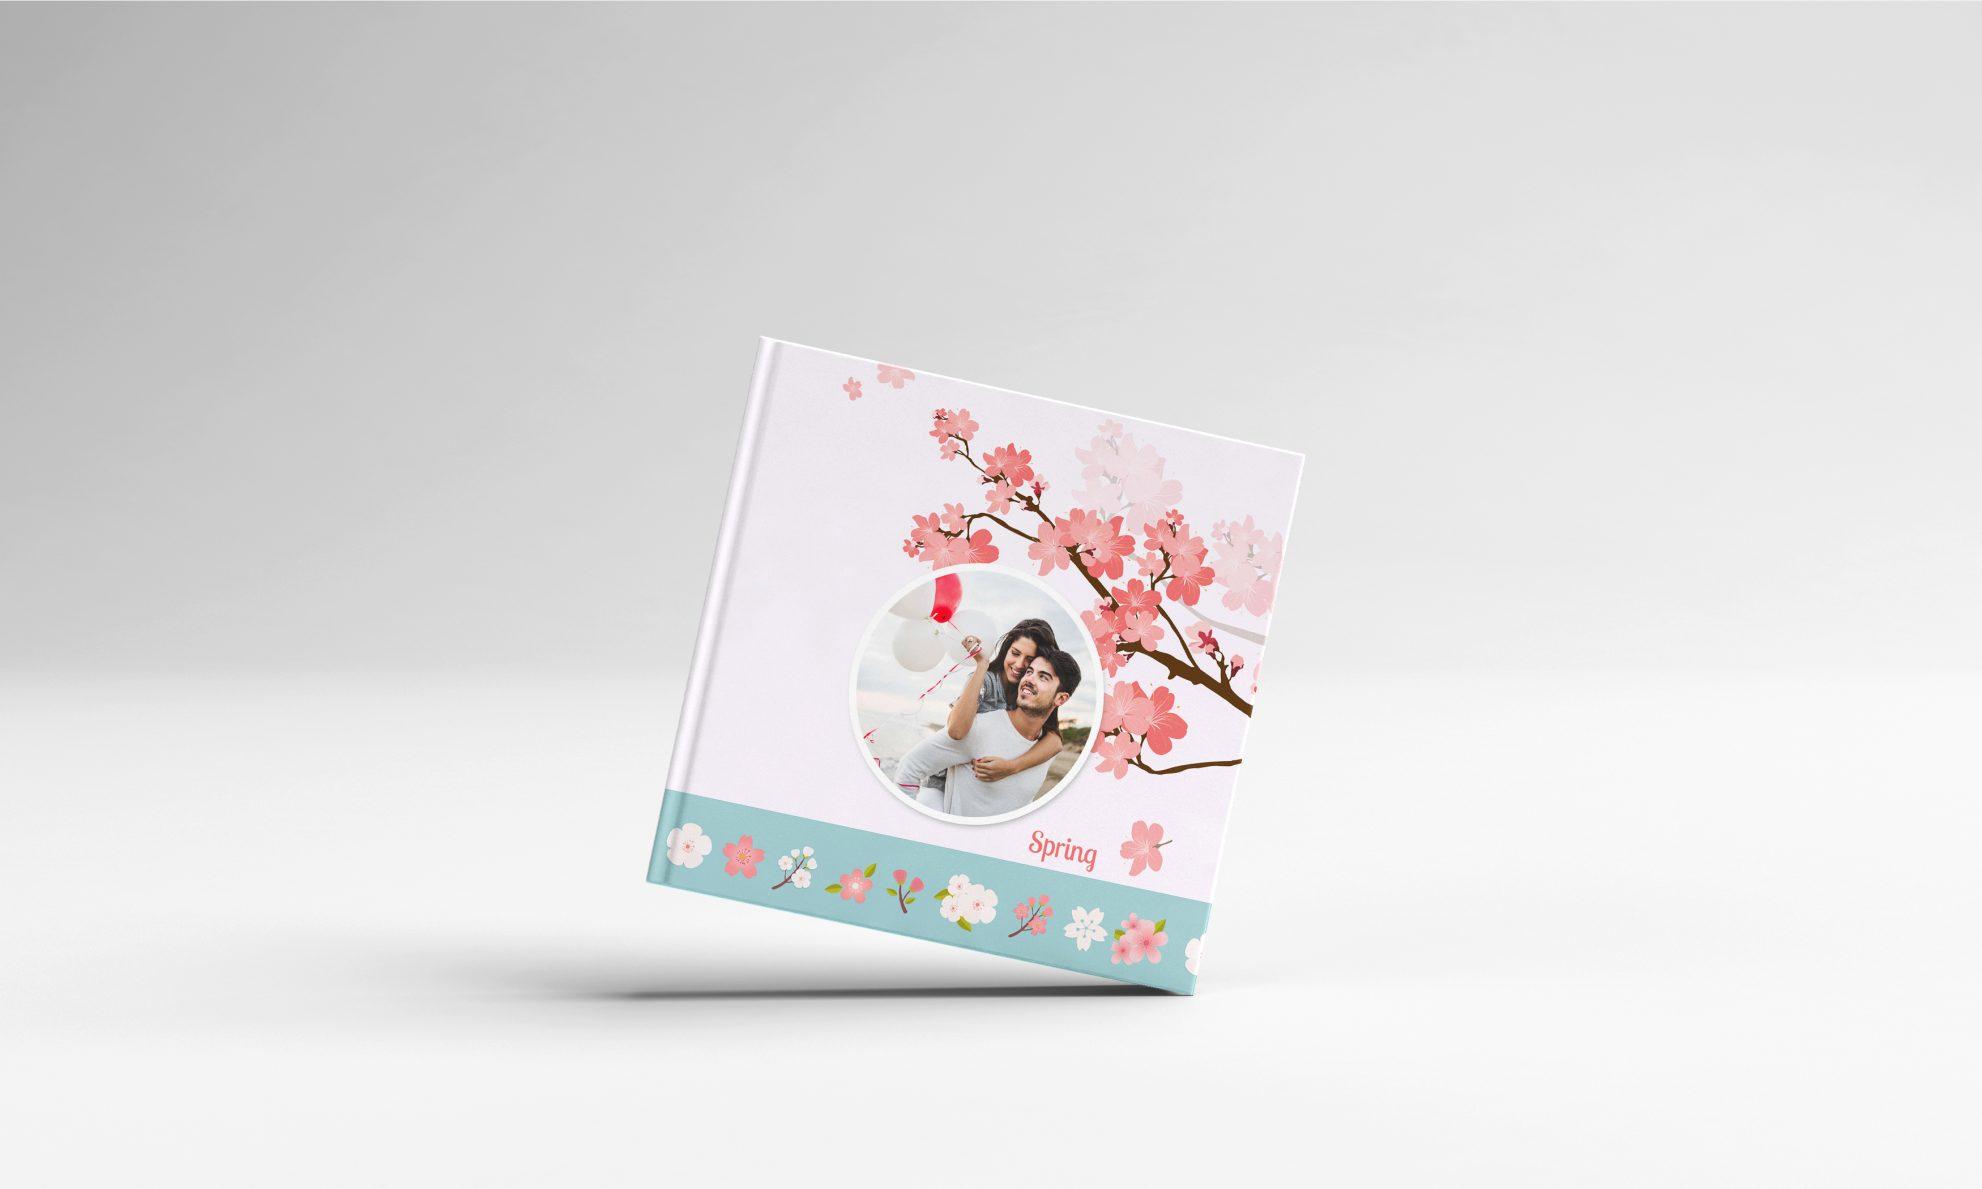 album foto personalizat de primavara